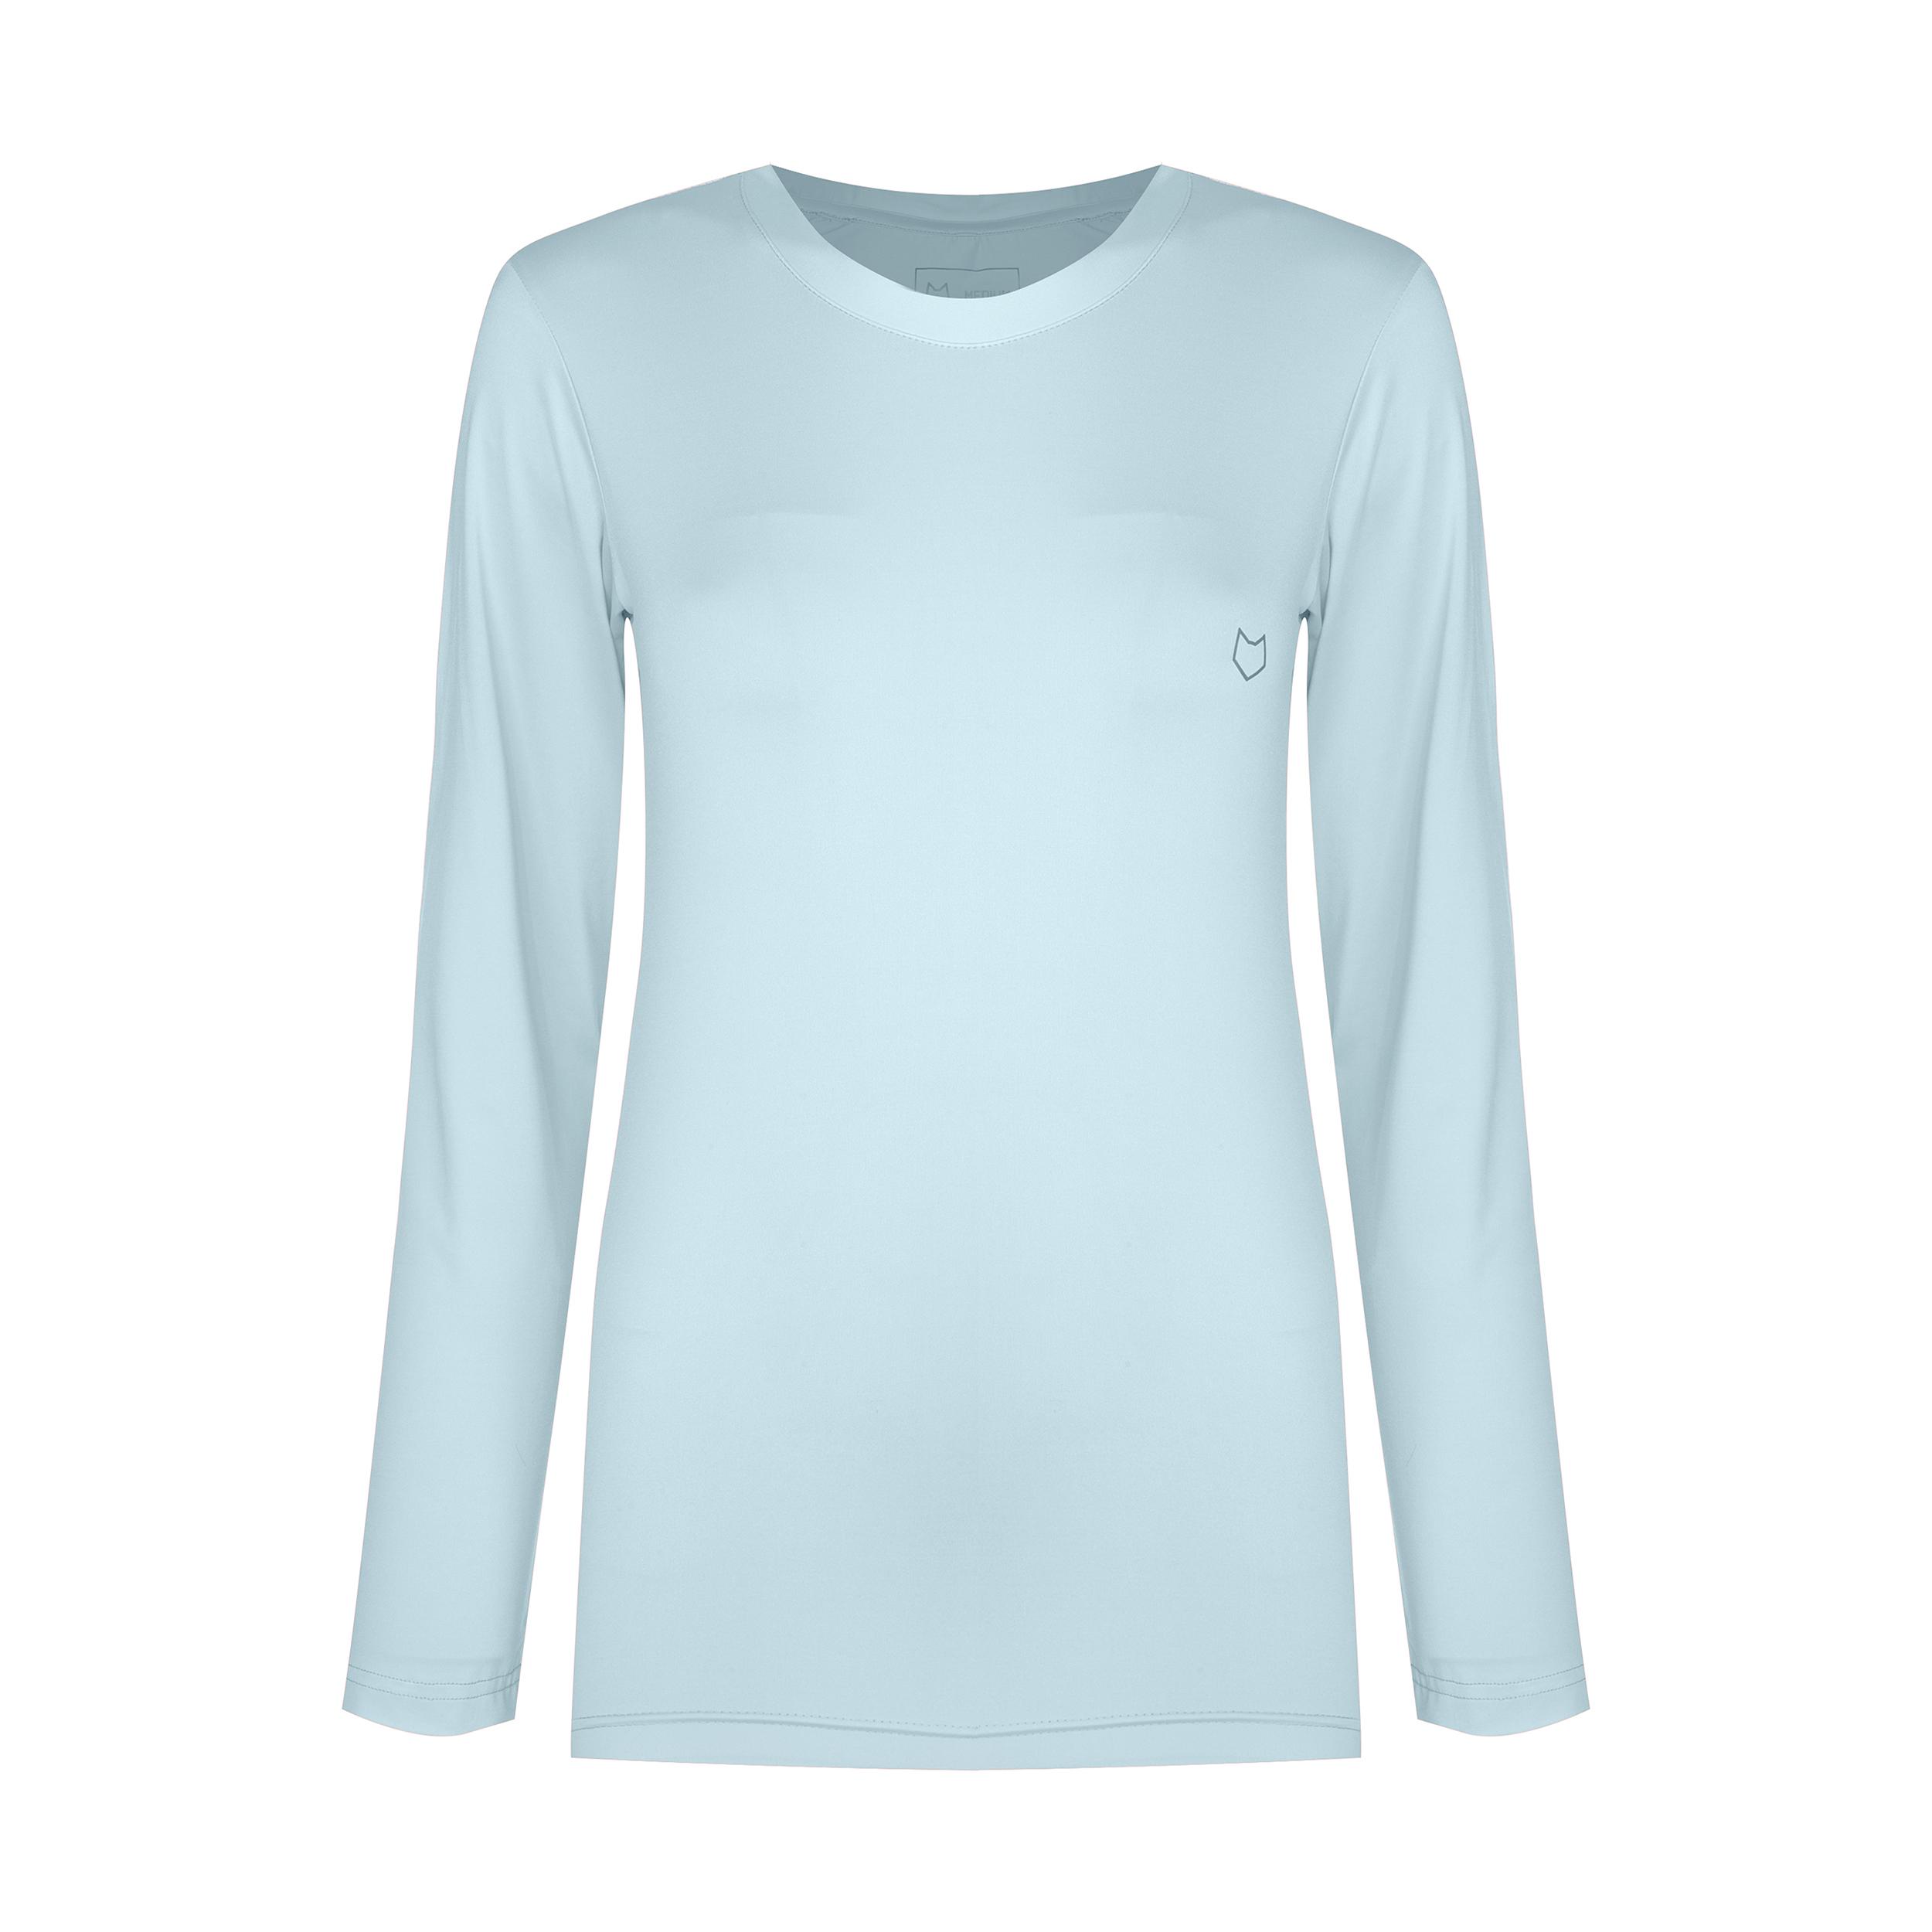 تی شرت آستین بلند ورزشی زنانه مل اند موژ مدل  W06677-407